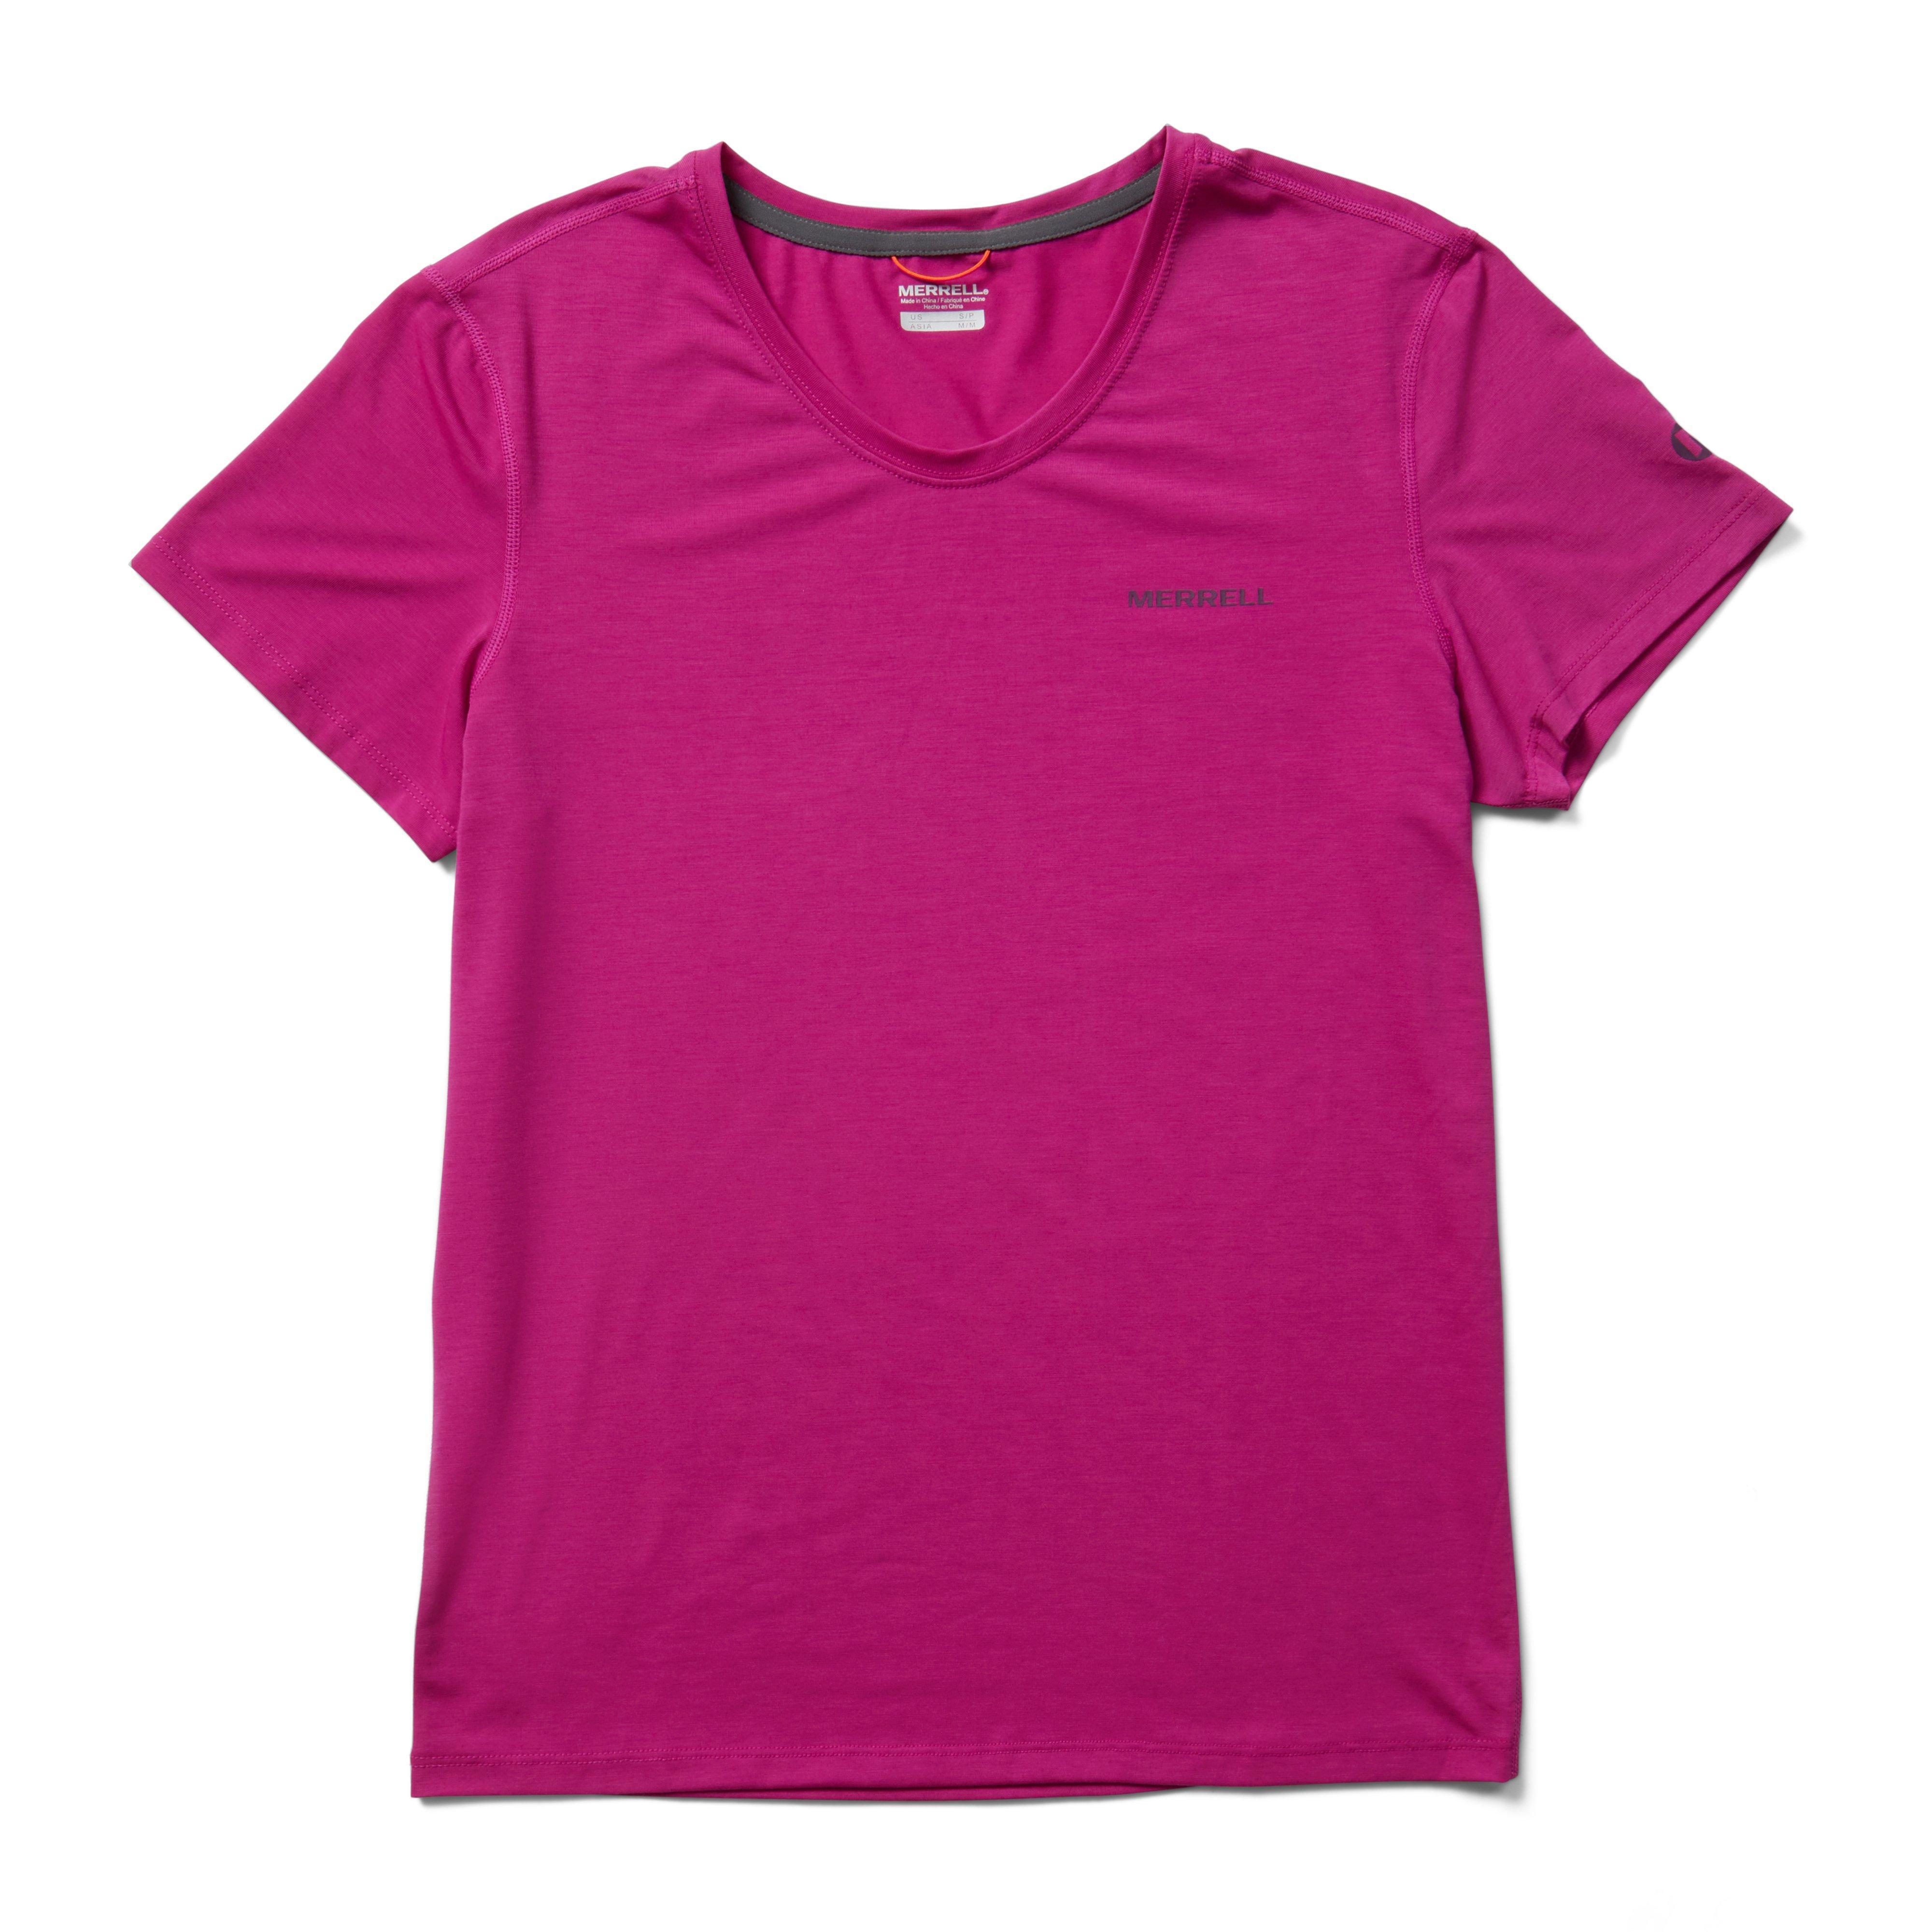 Merrell Women's Tencel Short Sleeve Tee - Pink/Pink, Pink